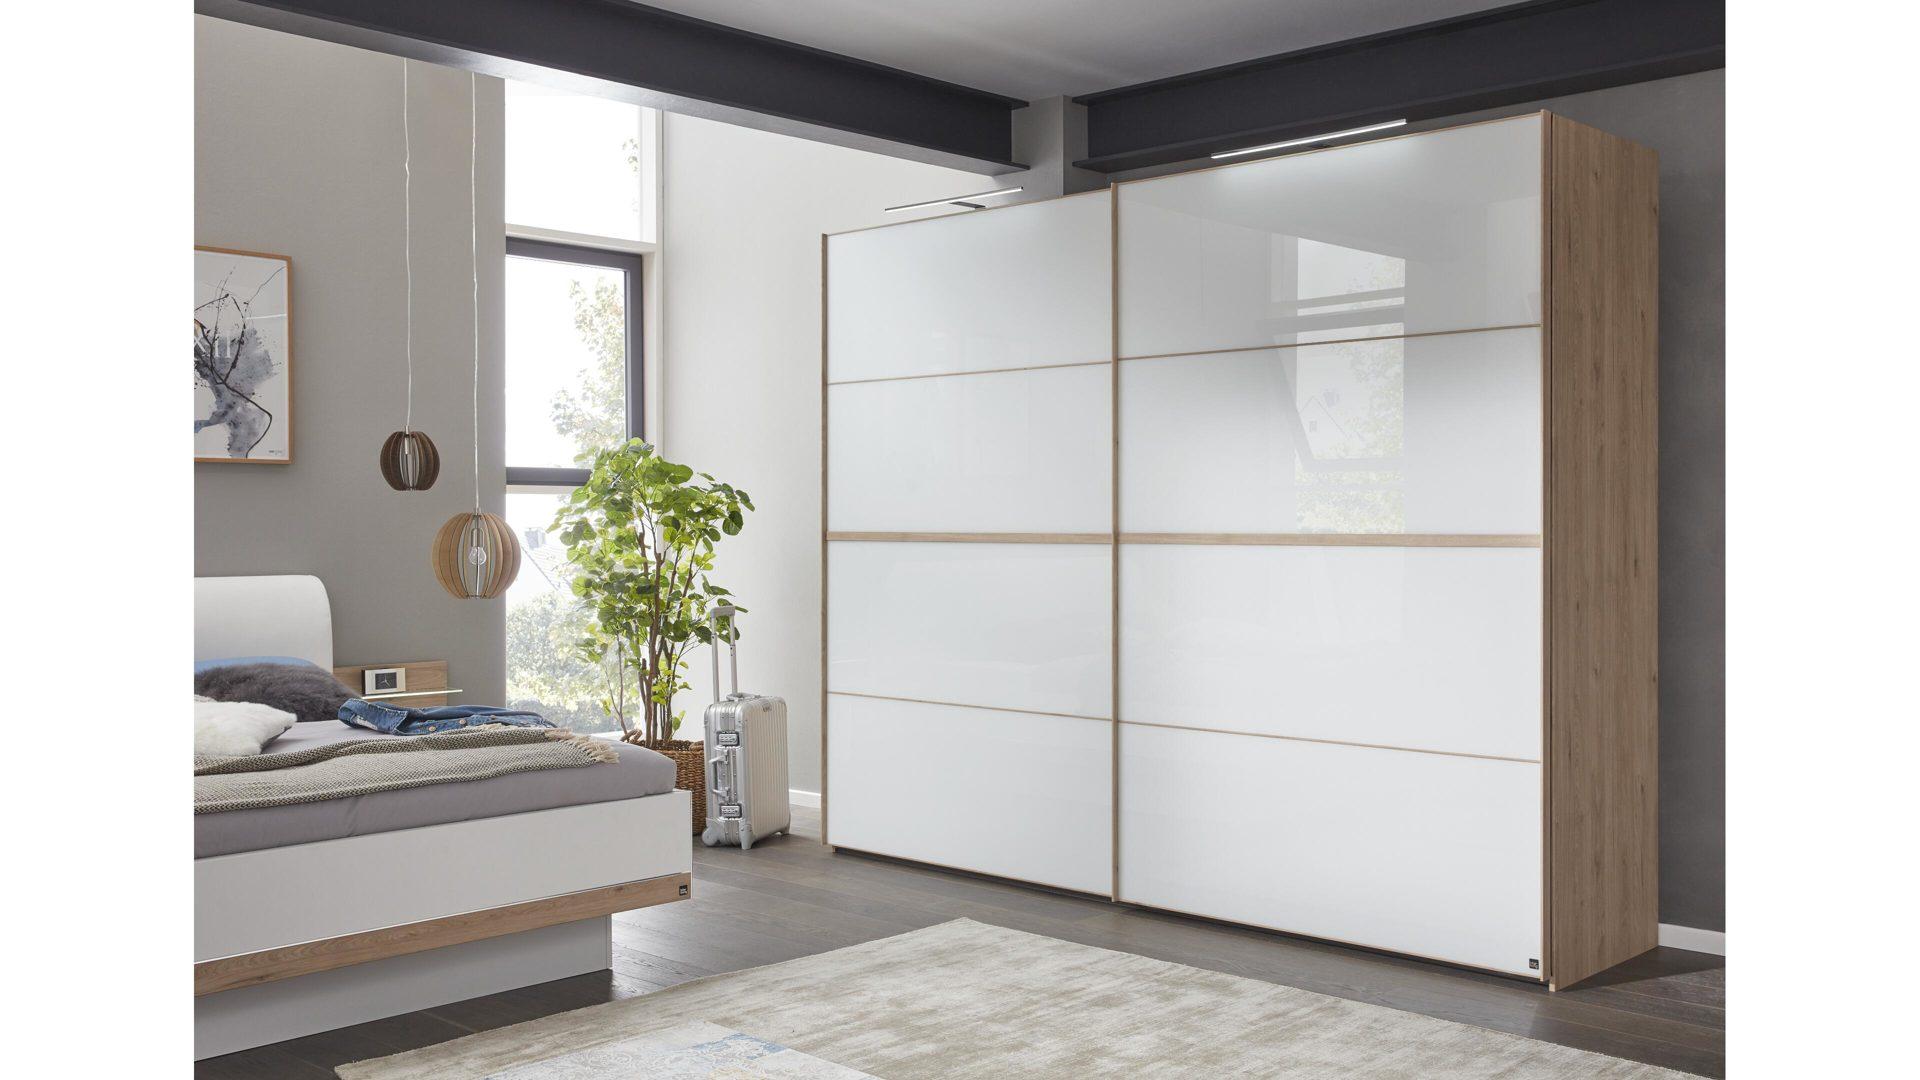 Interliving Schlafzimmer Serie 1010 Schwebetürenschrank Weißes